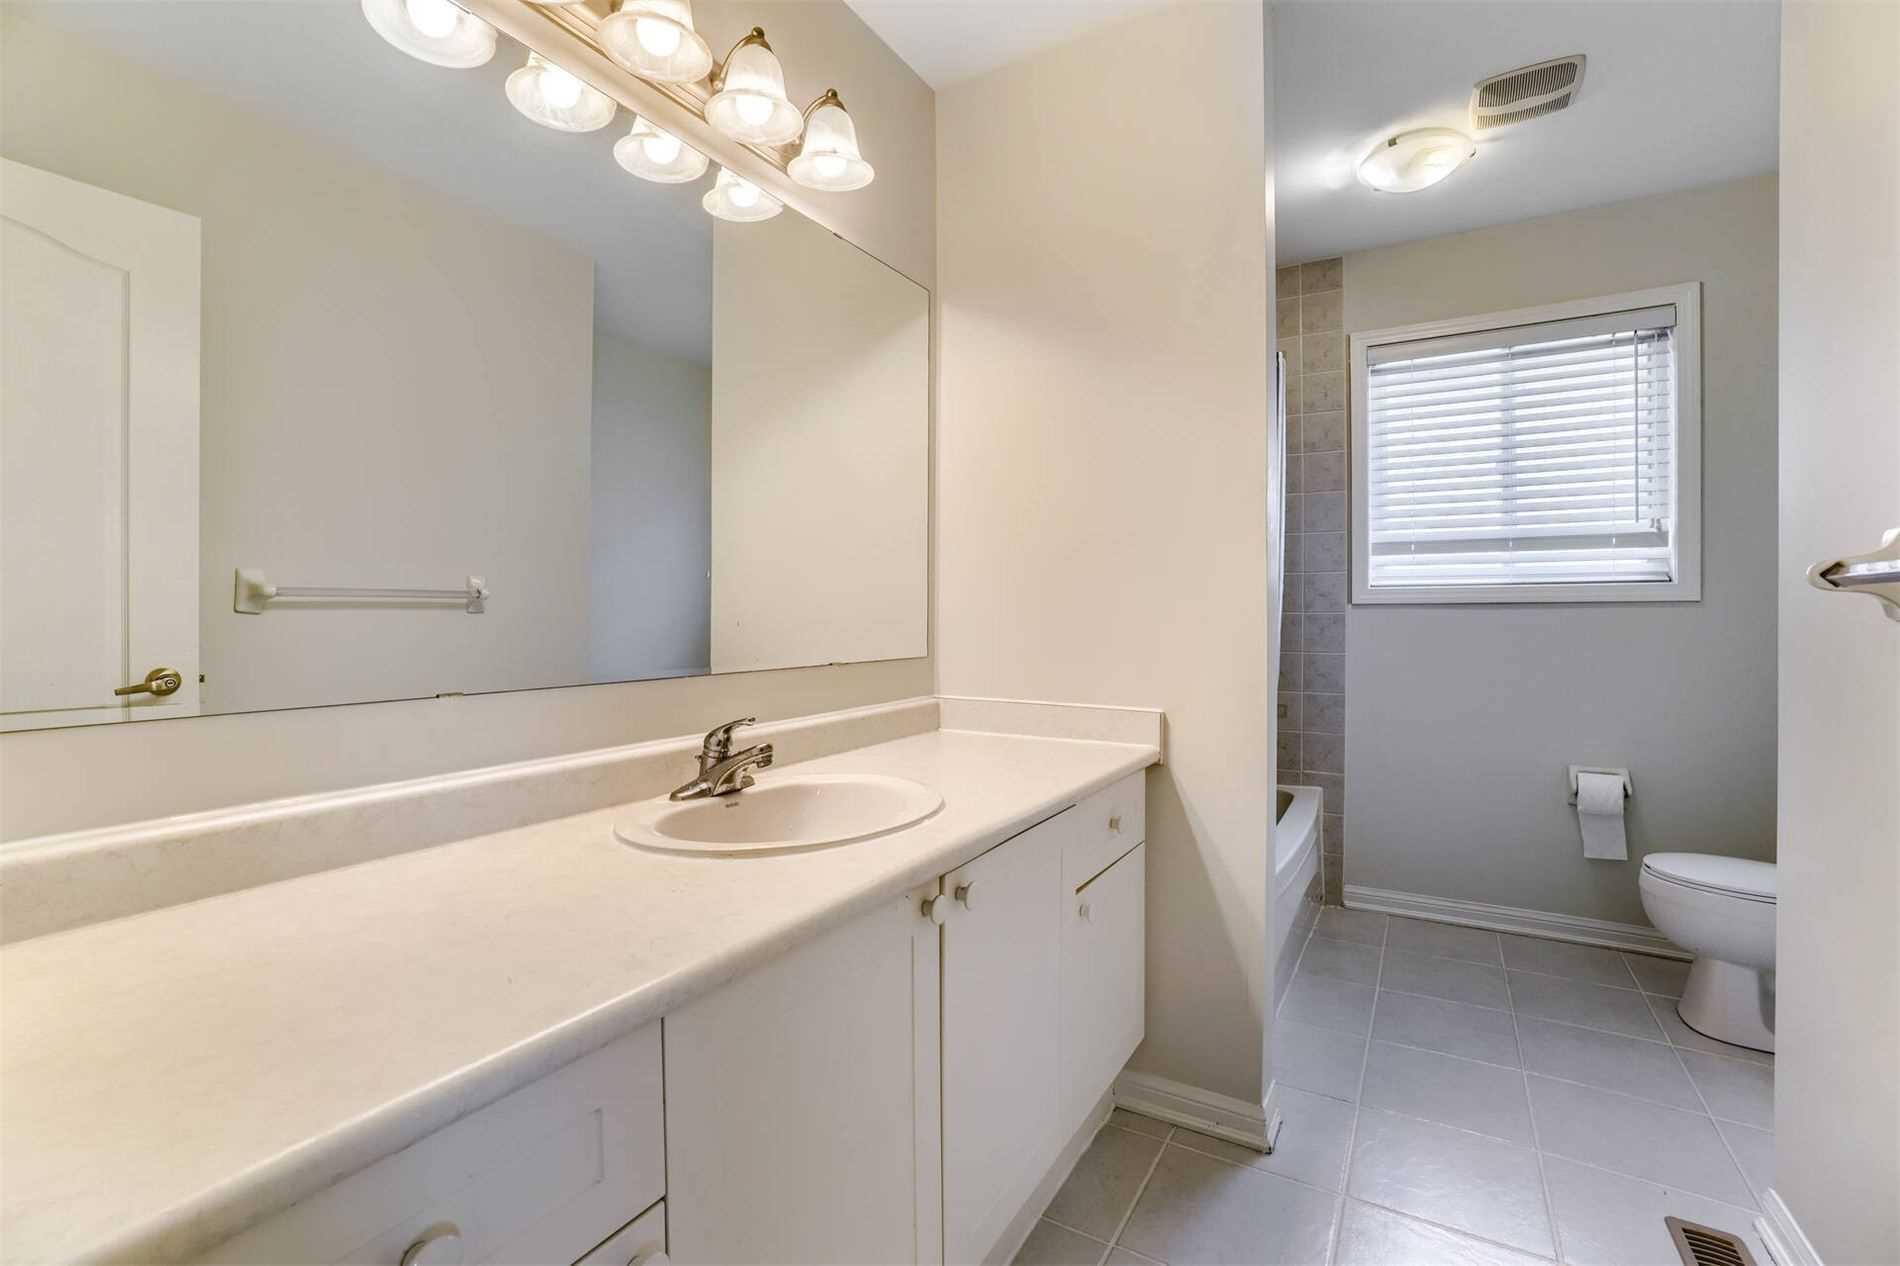 909 Hepburn Rd - Coates Detached for sale, 4 Bedrooms (W5398610) - #27